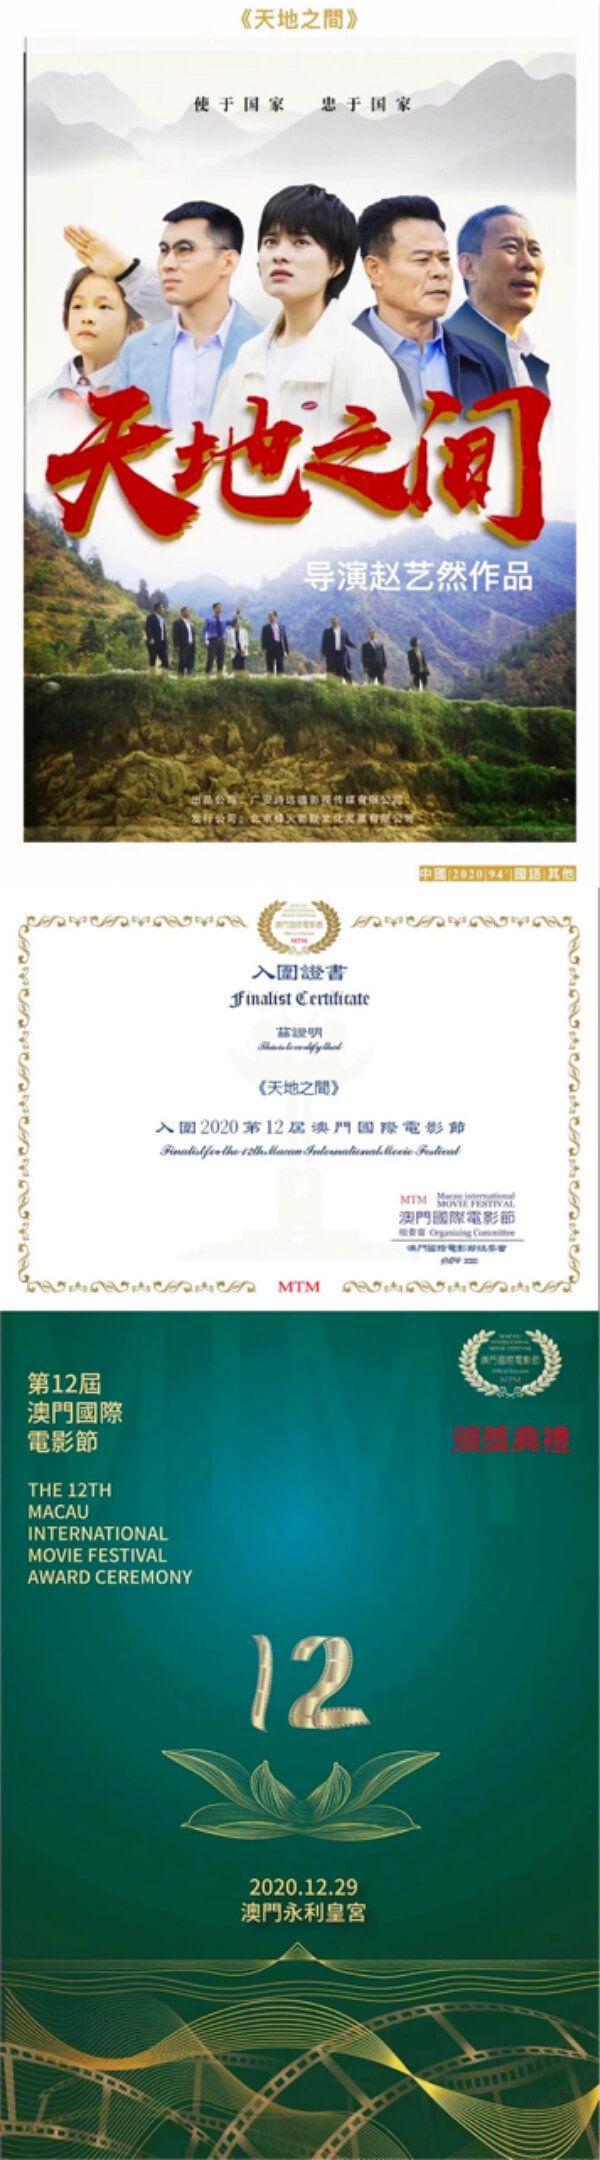 赵艺然导演电影《天地之间》入围澳门国际电影节